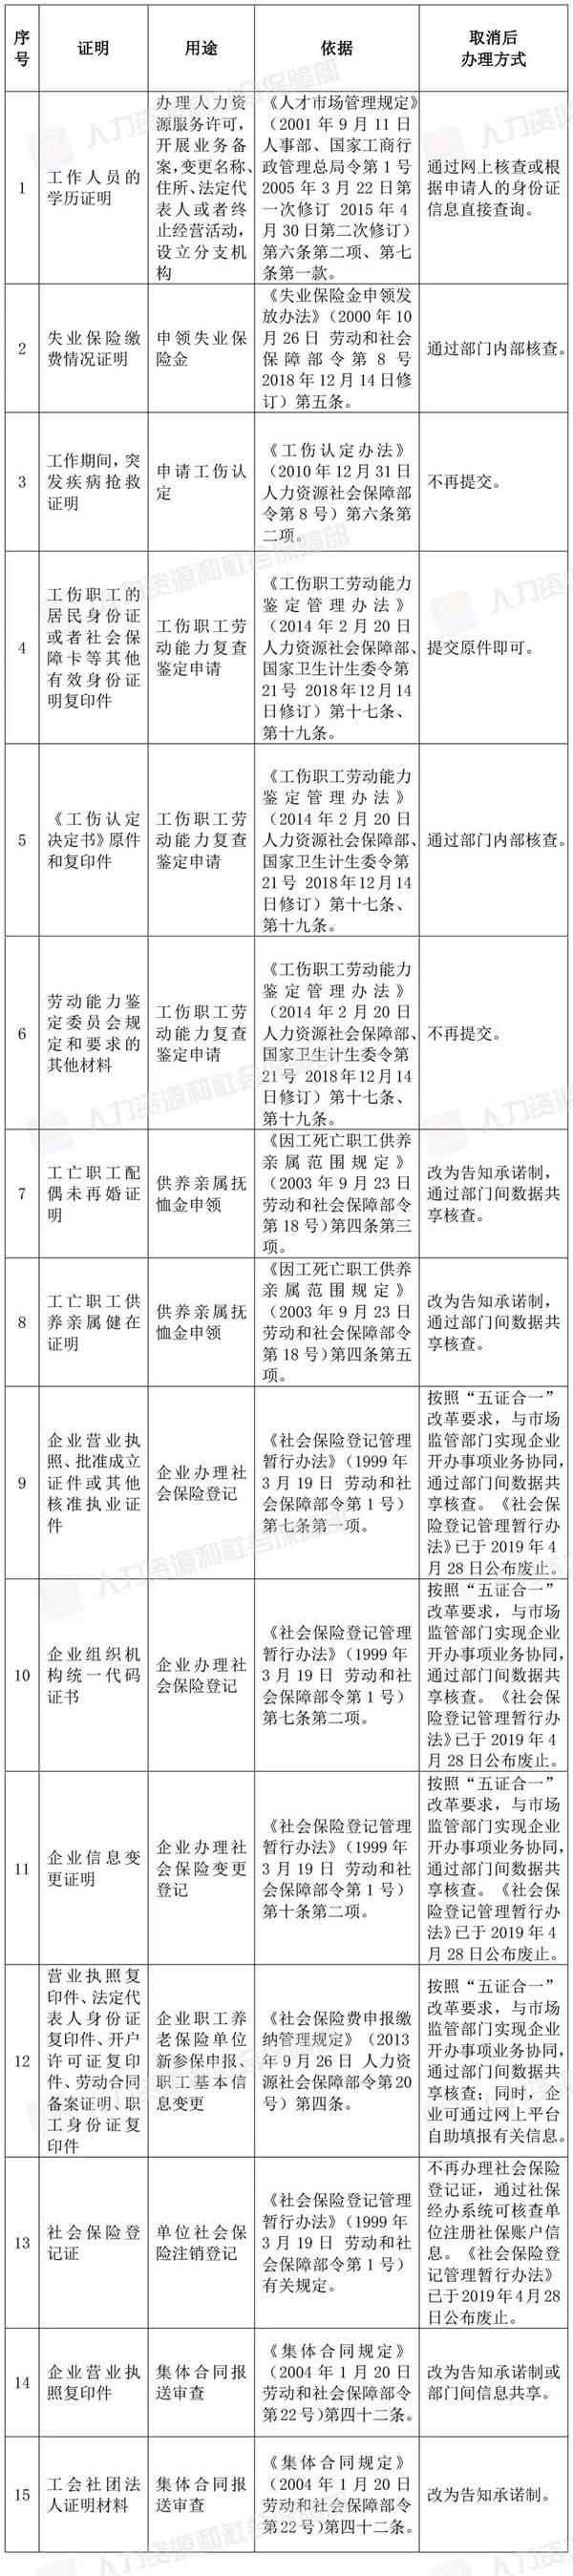 42项证明取消:职业资格证书补办不需提交丢失登报声明